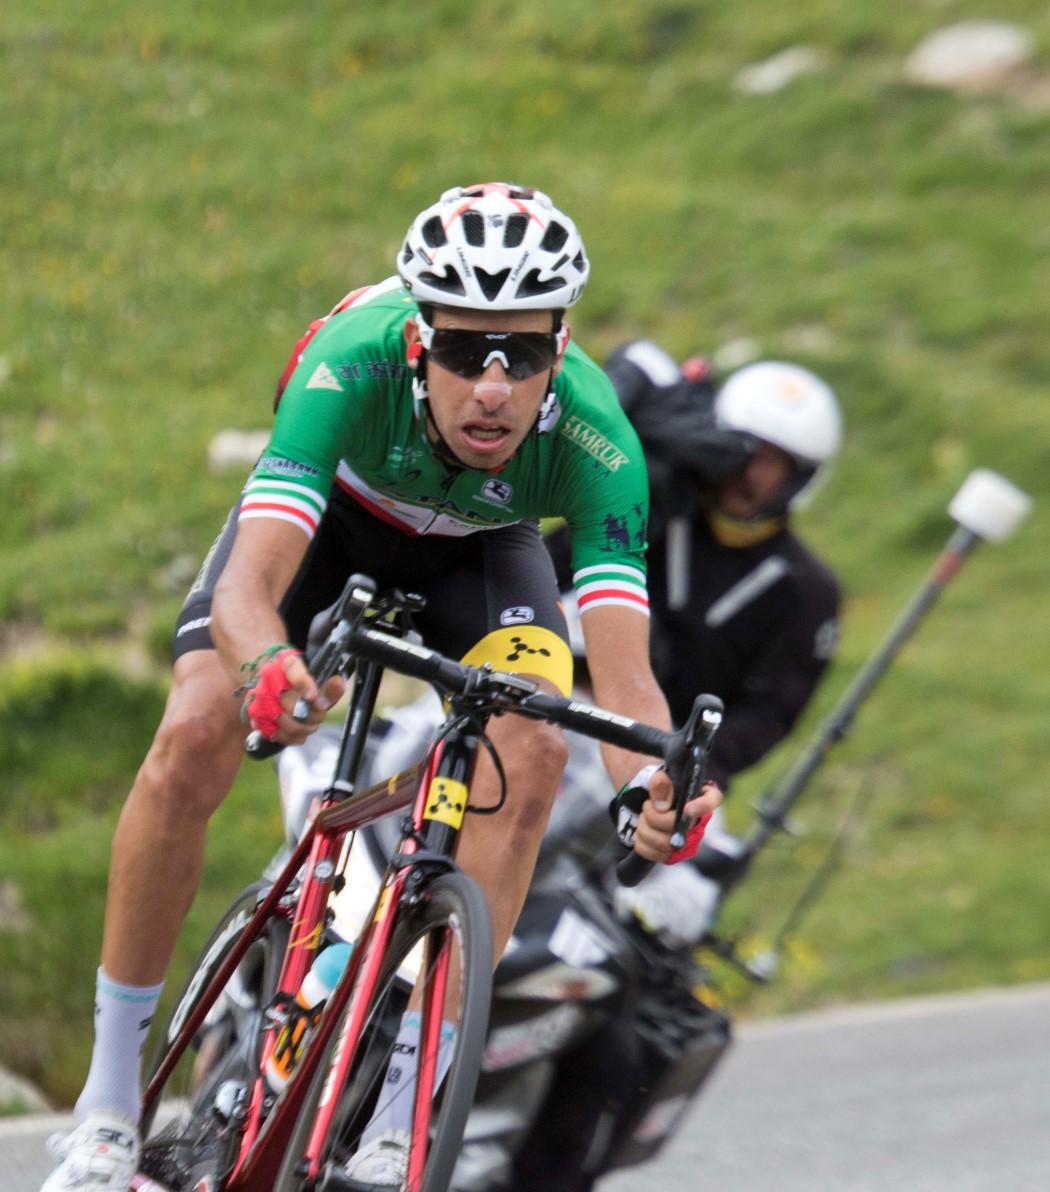 Aru At The  Tour De France